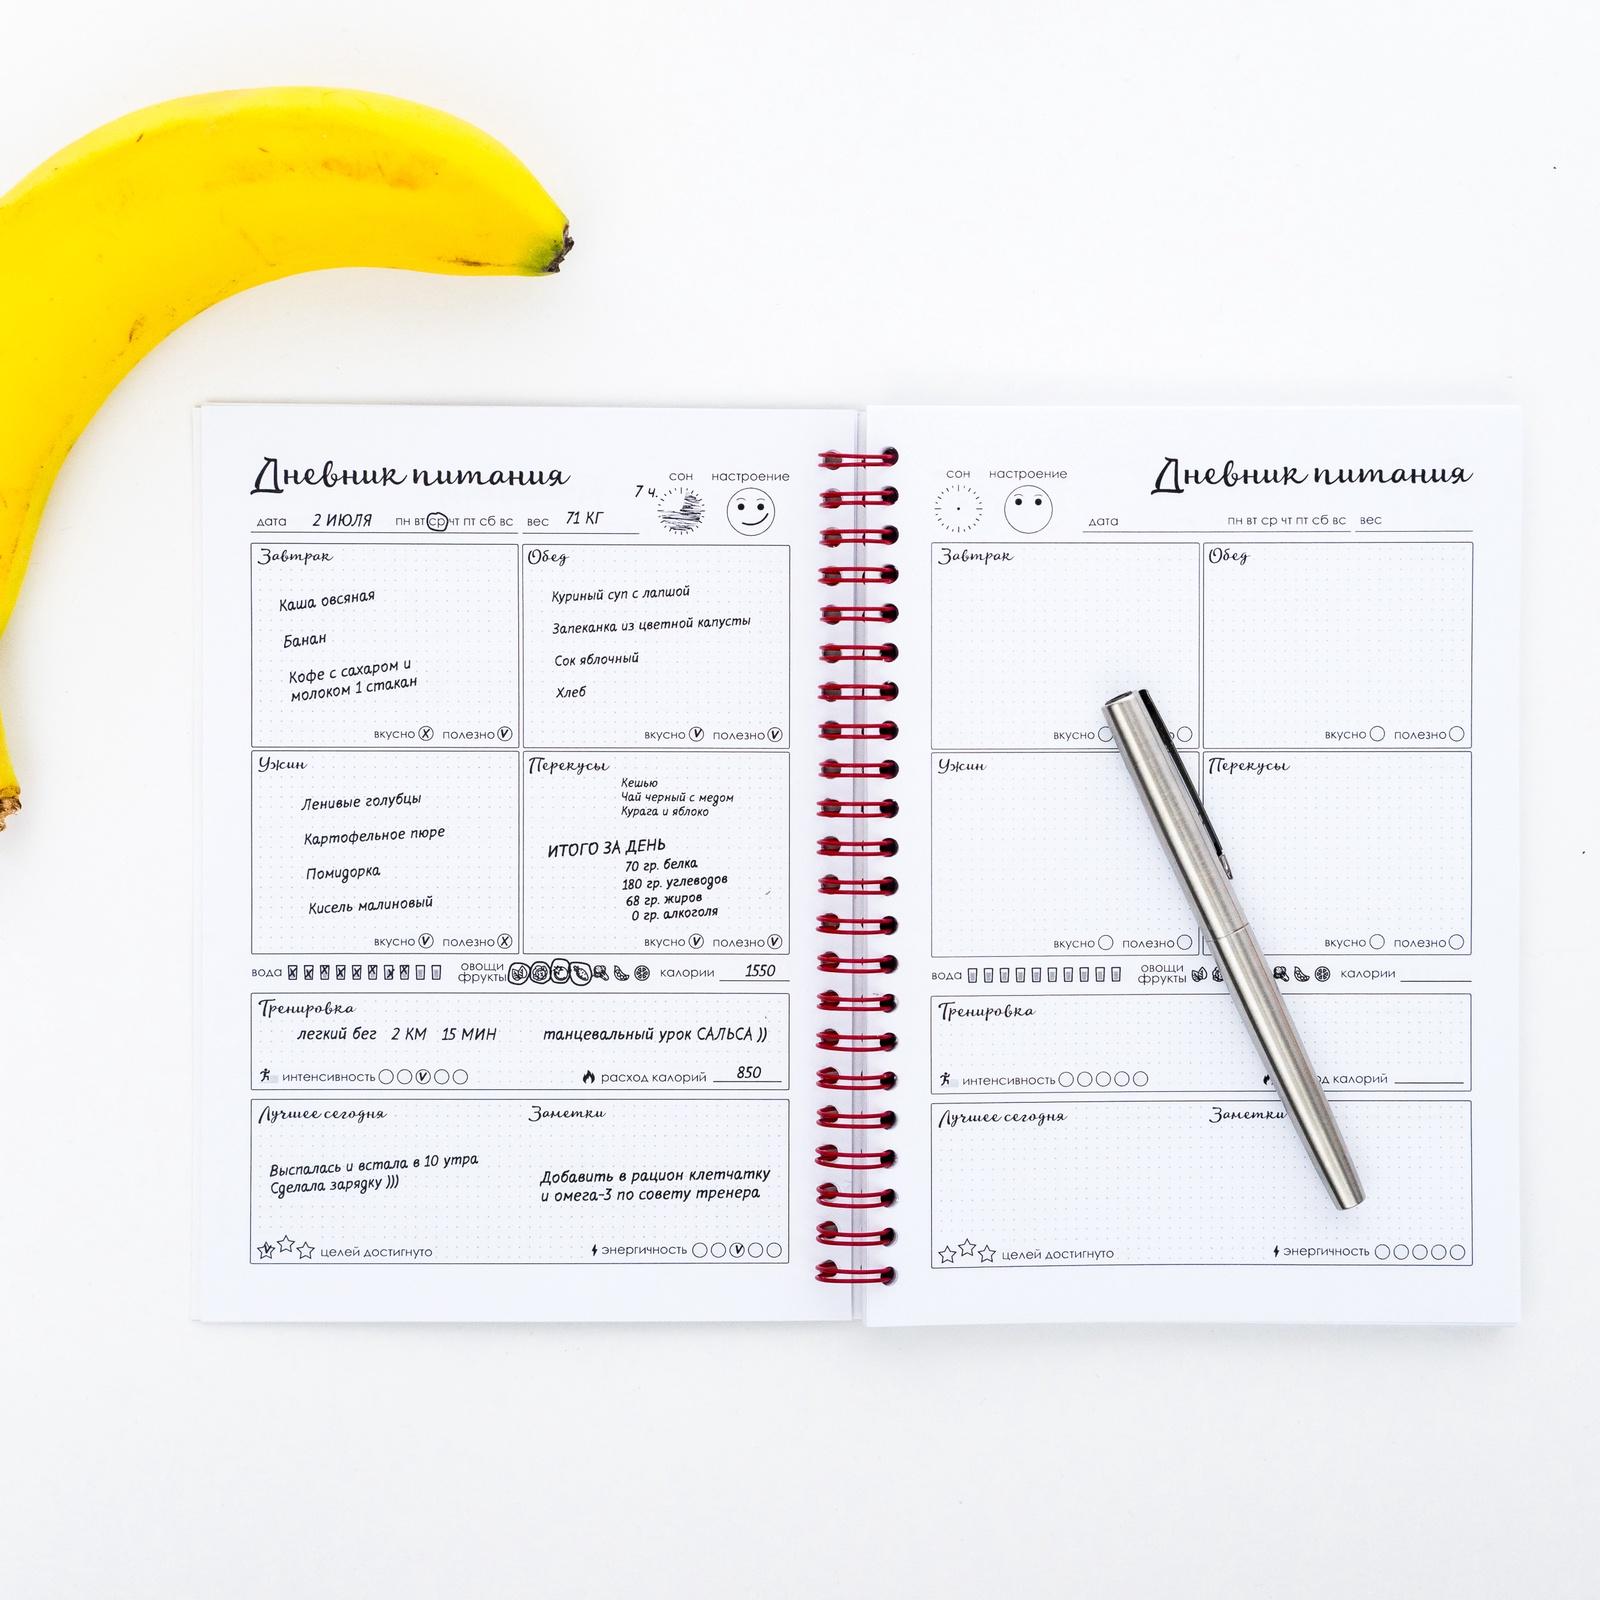 Ежедневник Для Похудения Как Вести Себя. Как вести дневник похудения? Образец правильного дневника похудения. Лучший дневник похудения